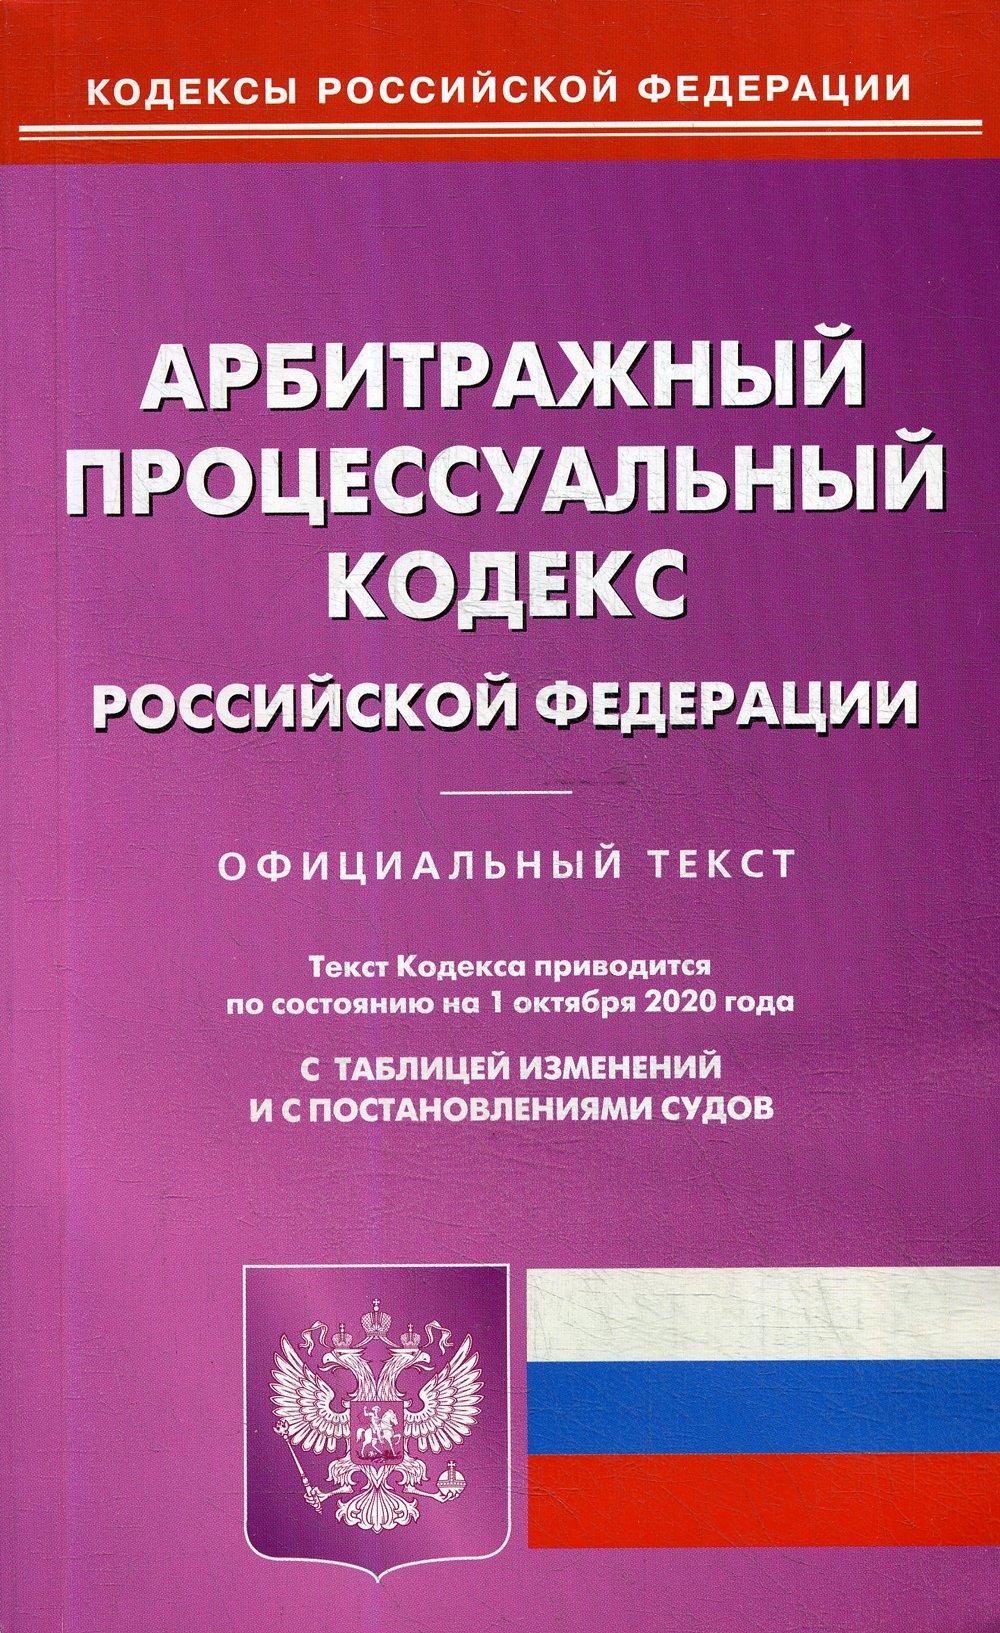 АПК РФ (по сост. на 01.10.2020 г.)